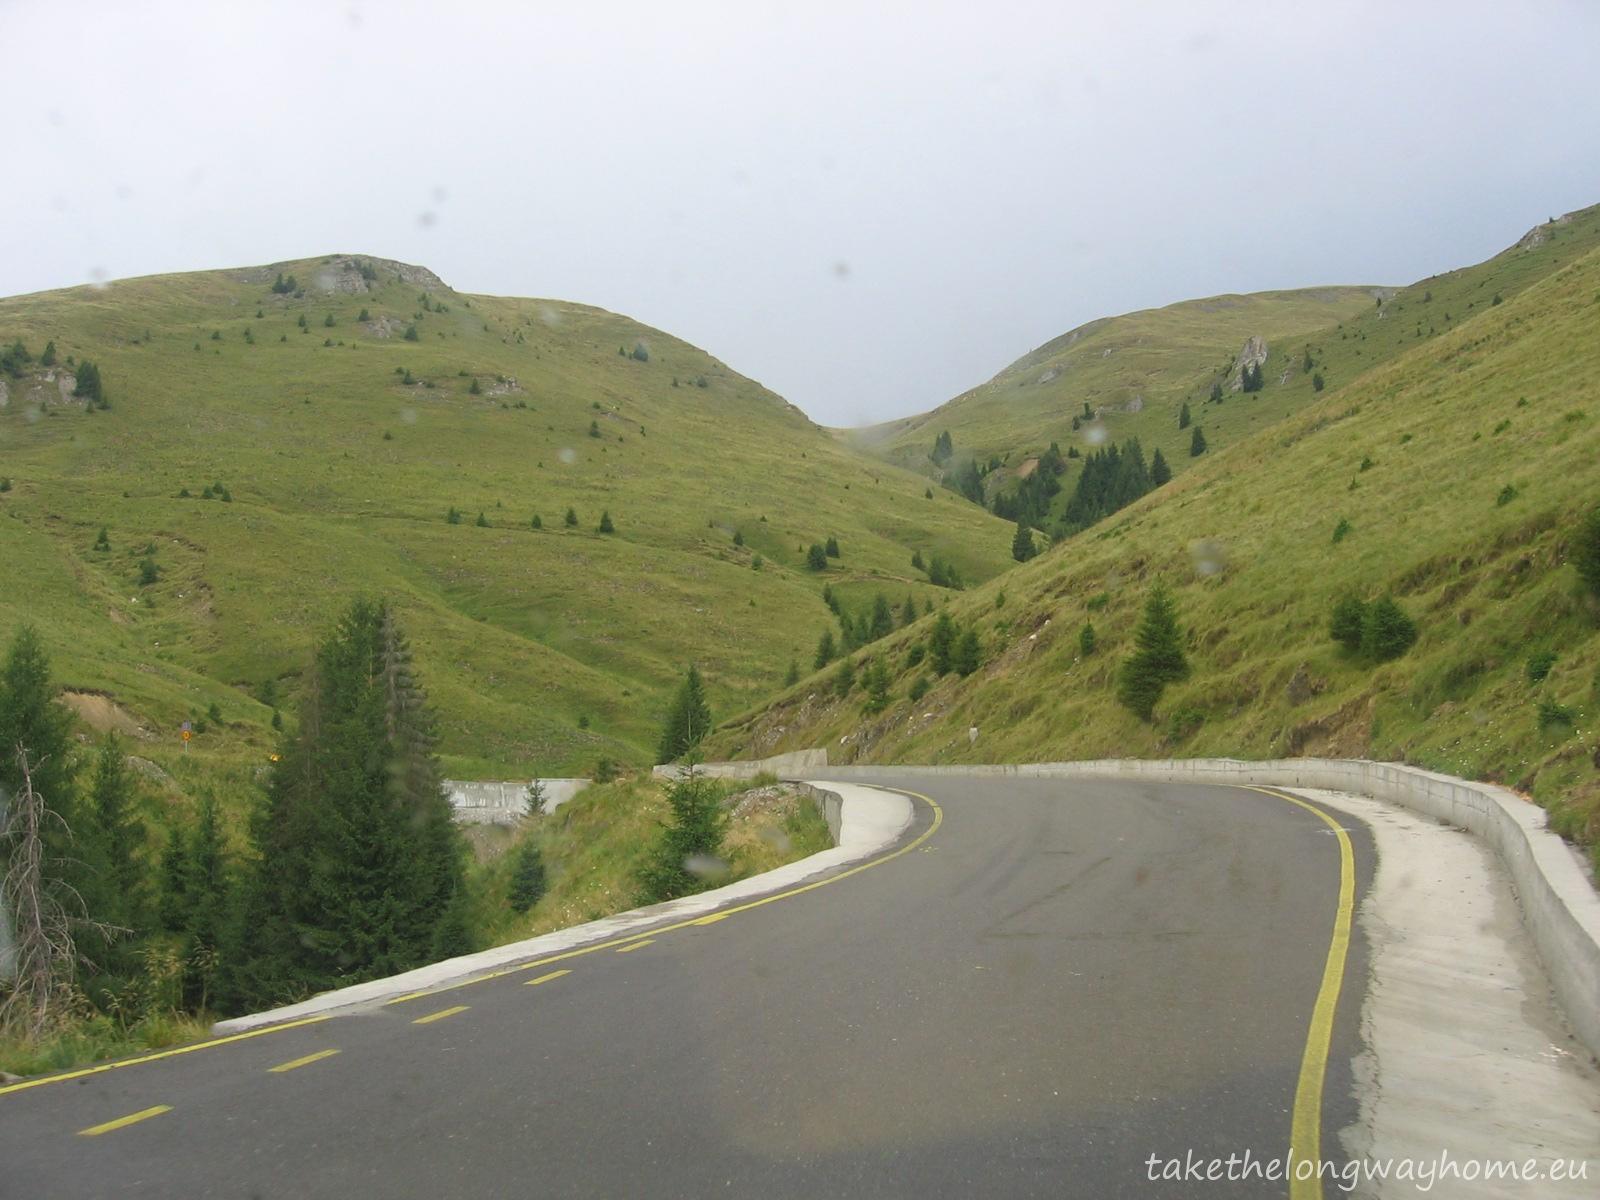 Drumul este îngust dar priveliștea este superbă